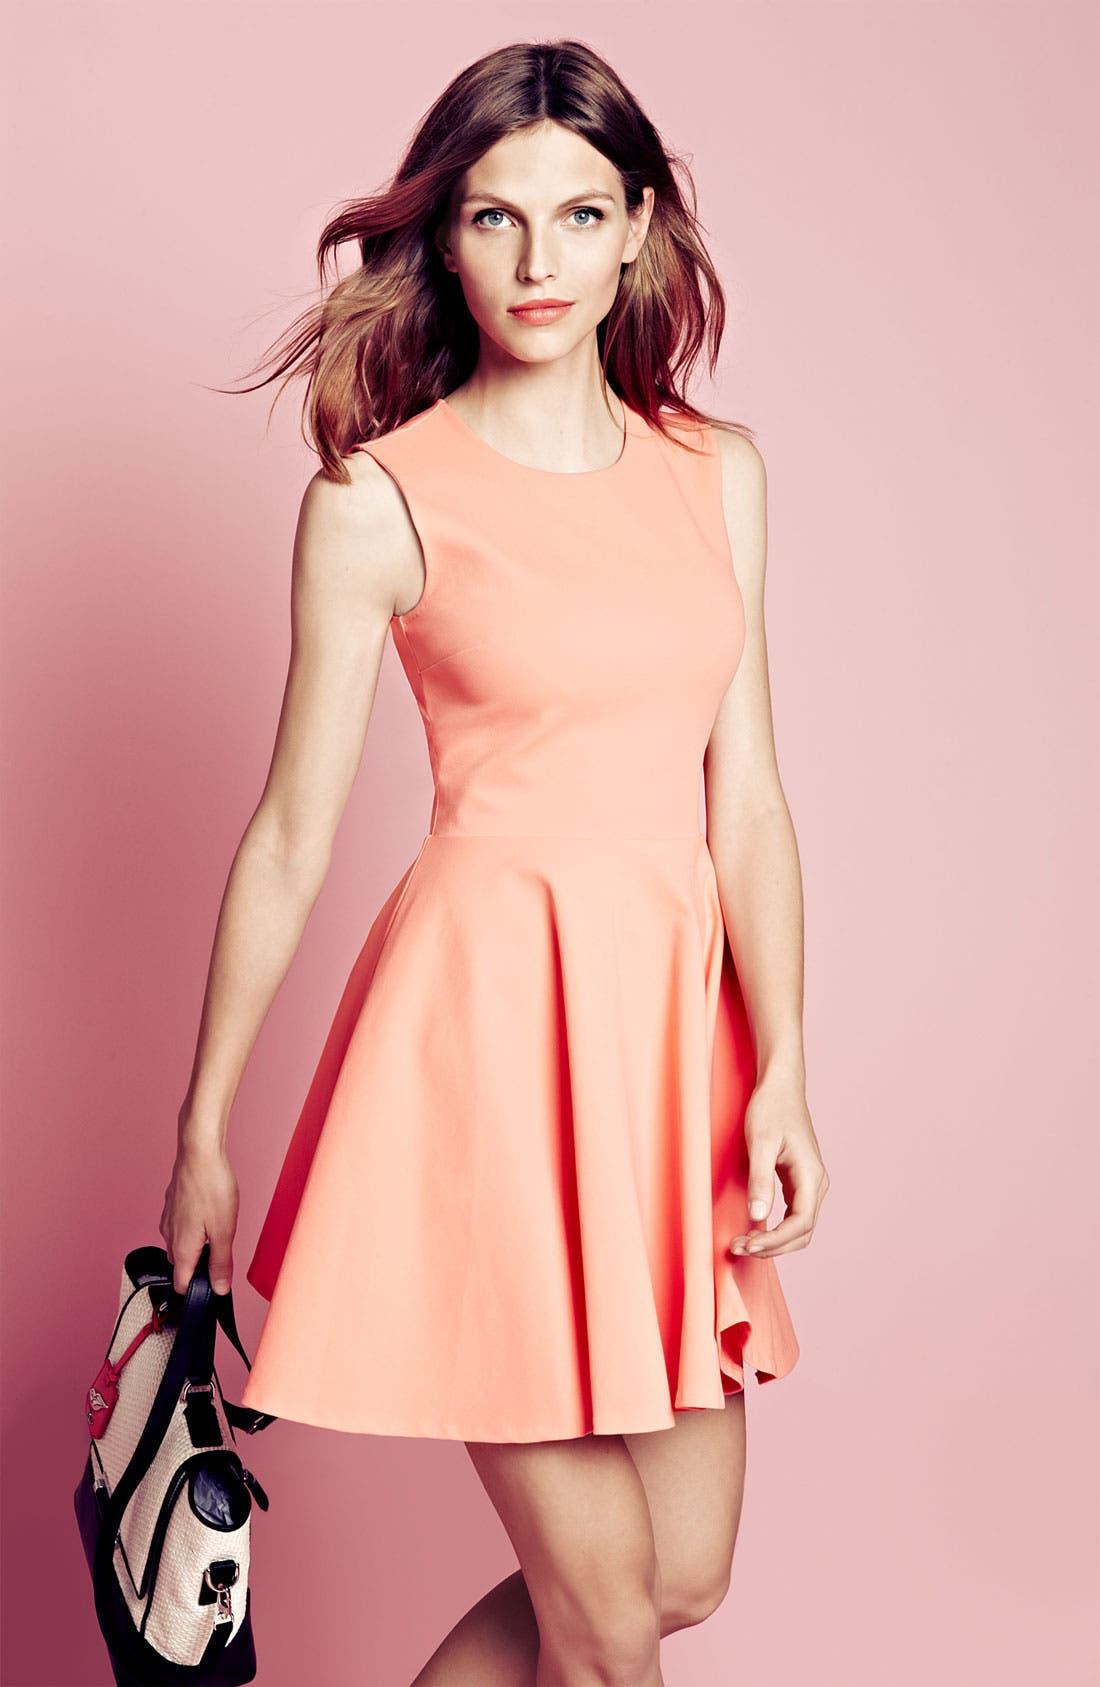 Main Image - Diane von Furstenberg Dress & Accessories